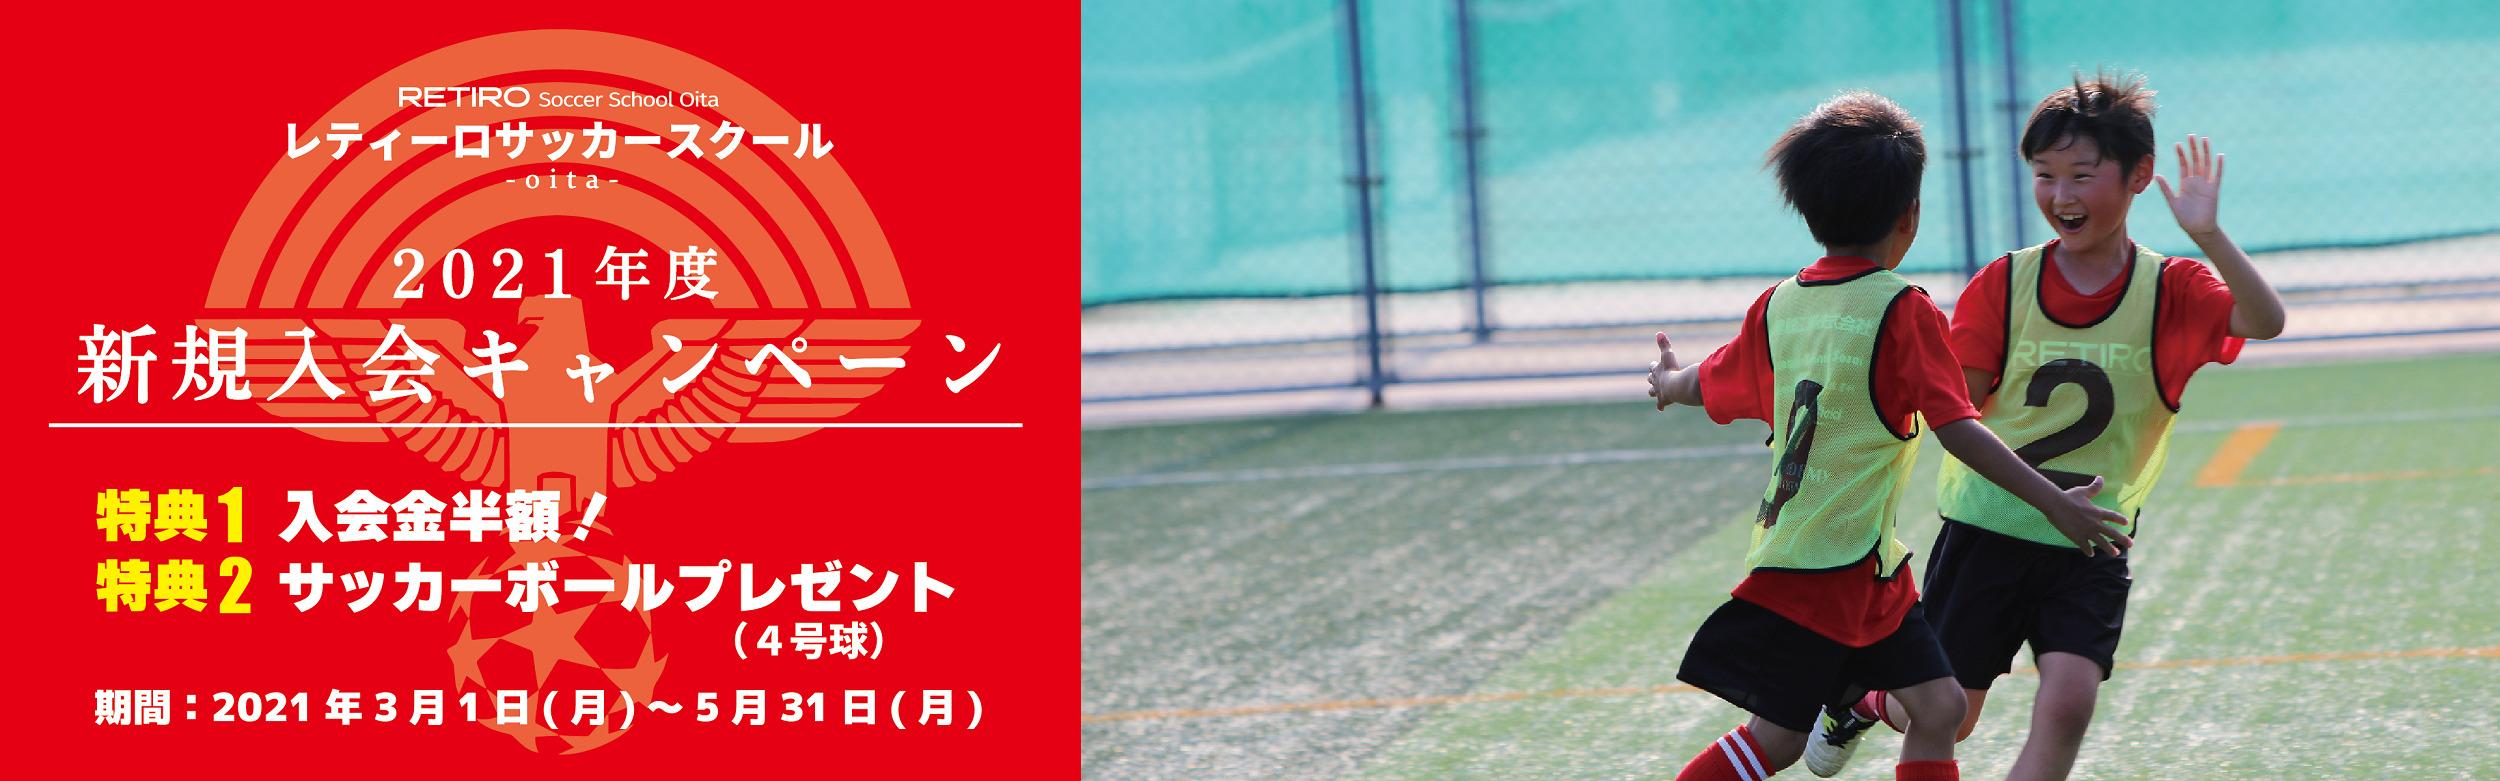 2021年度新規キャンペーンご案内(レティーロサッカースクール)